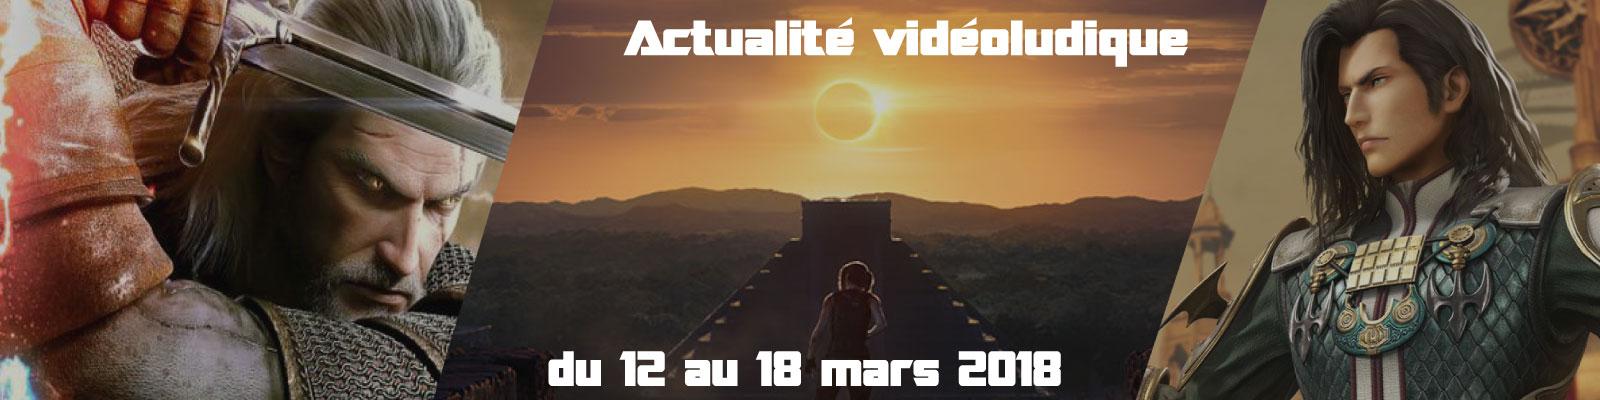 Actualité-vidéoludique-12183